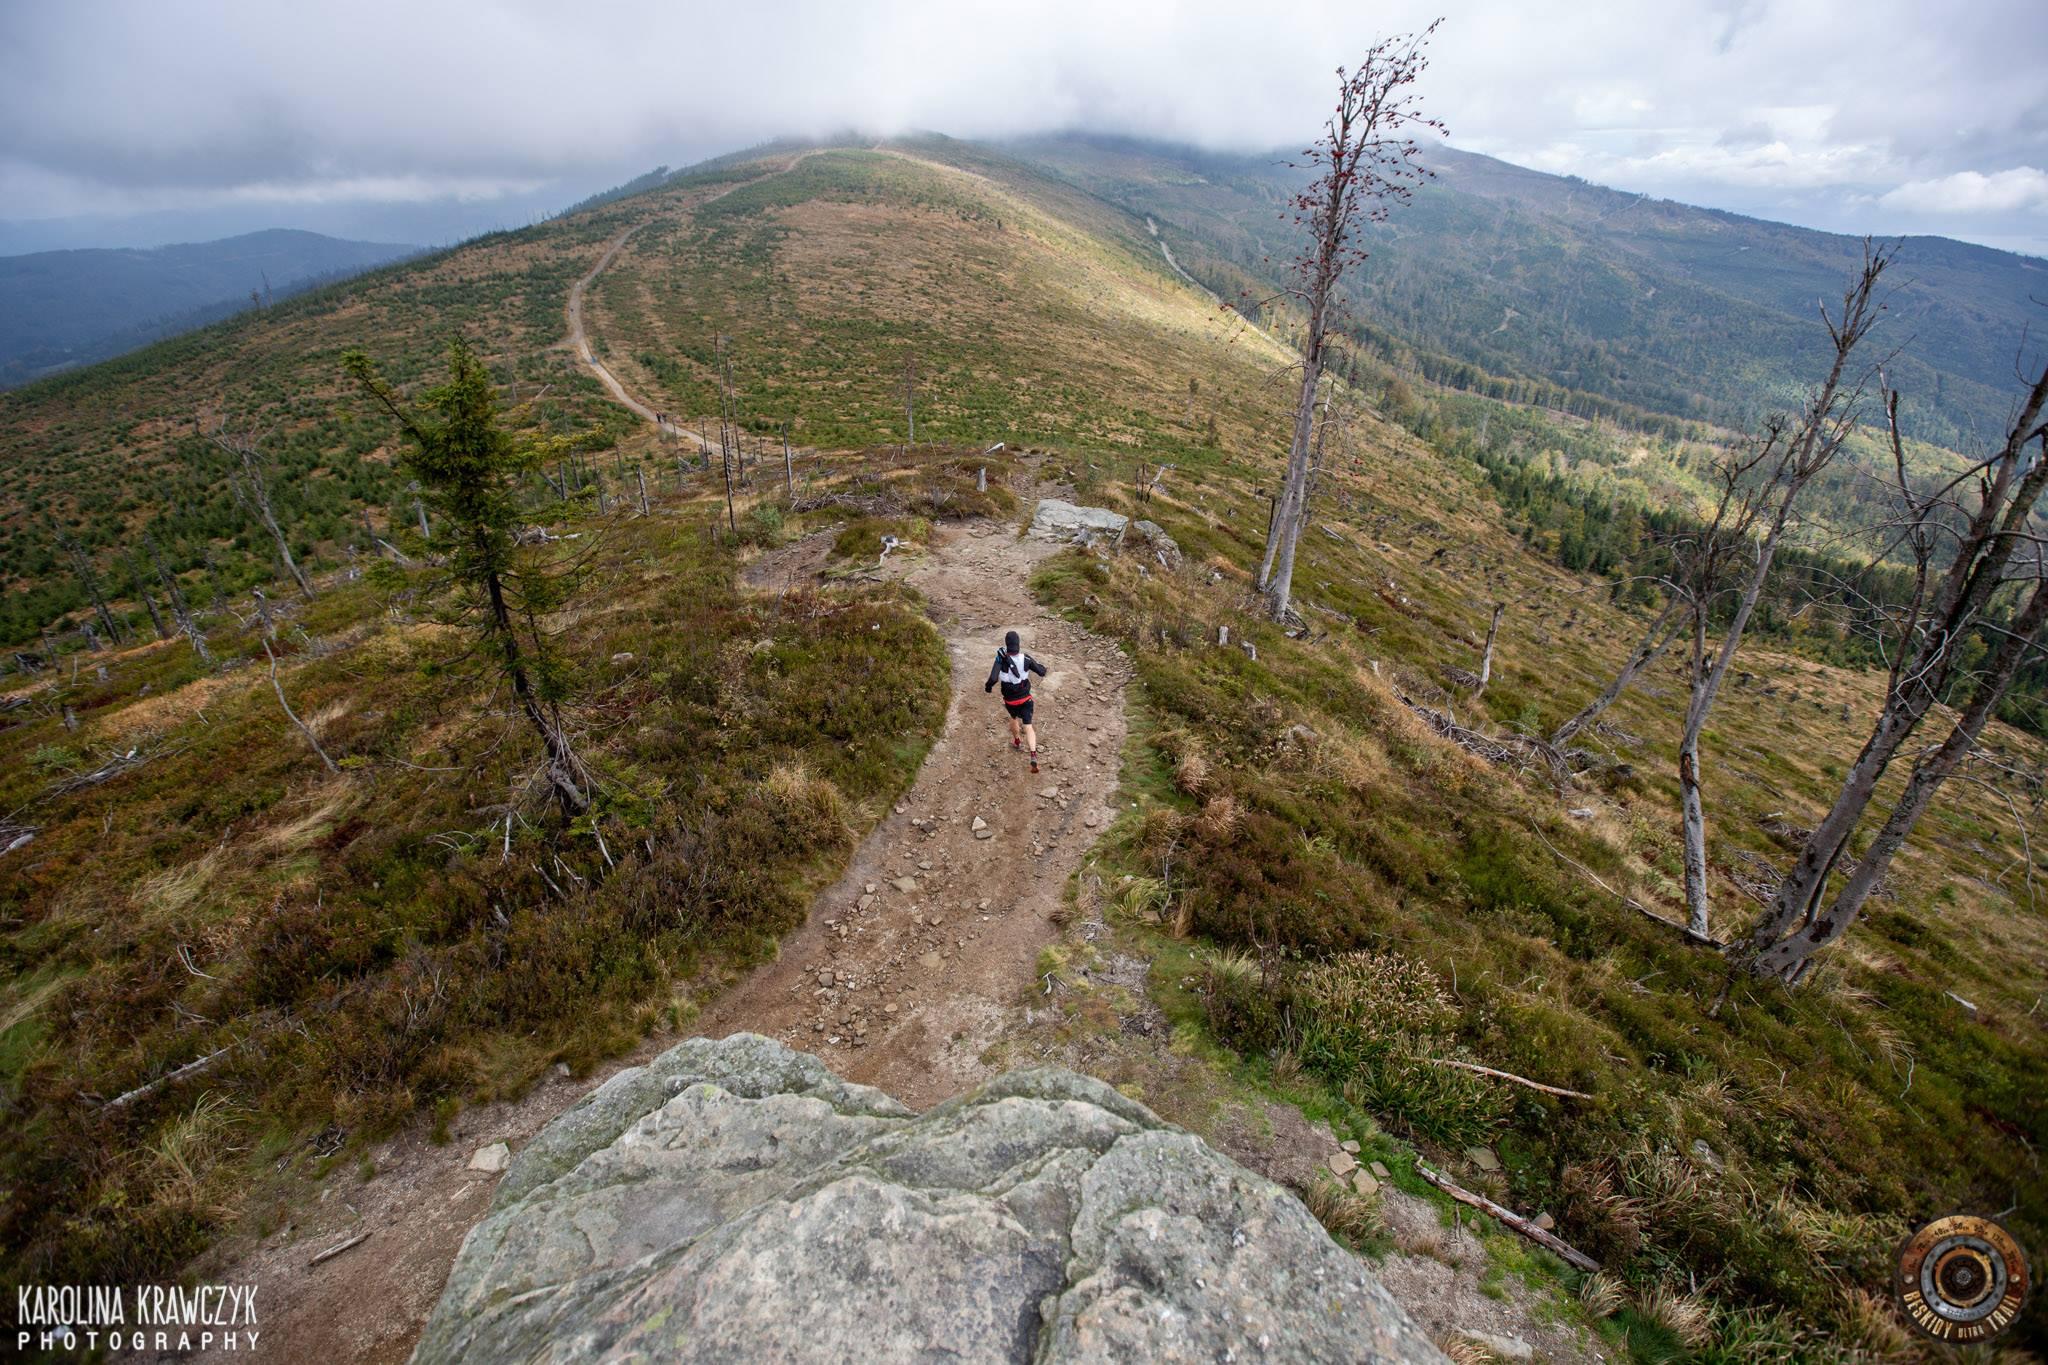 Dalej niż maraton, czyli inny wymiar przygody – obiegach ultra przezpryzmat 13 godzin natrasie Beskidy Ultra Trail